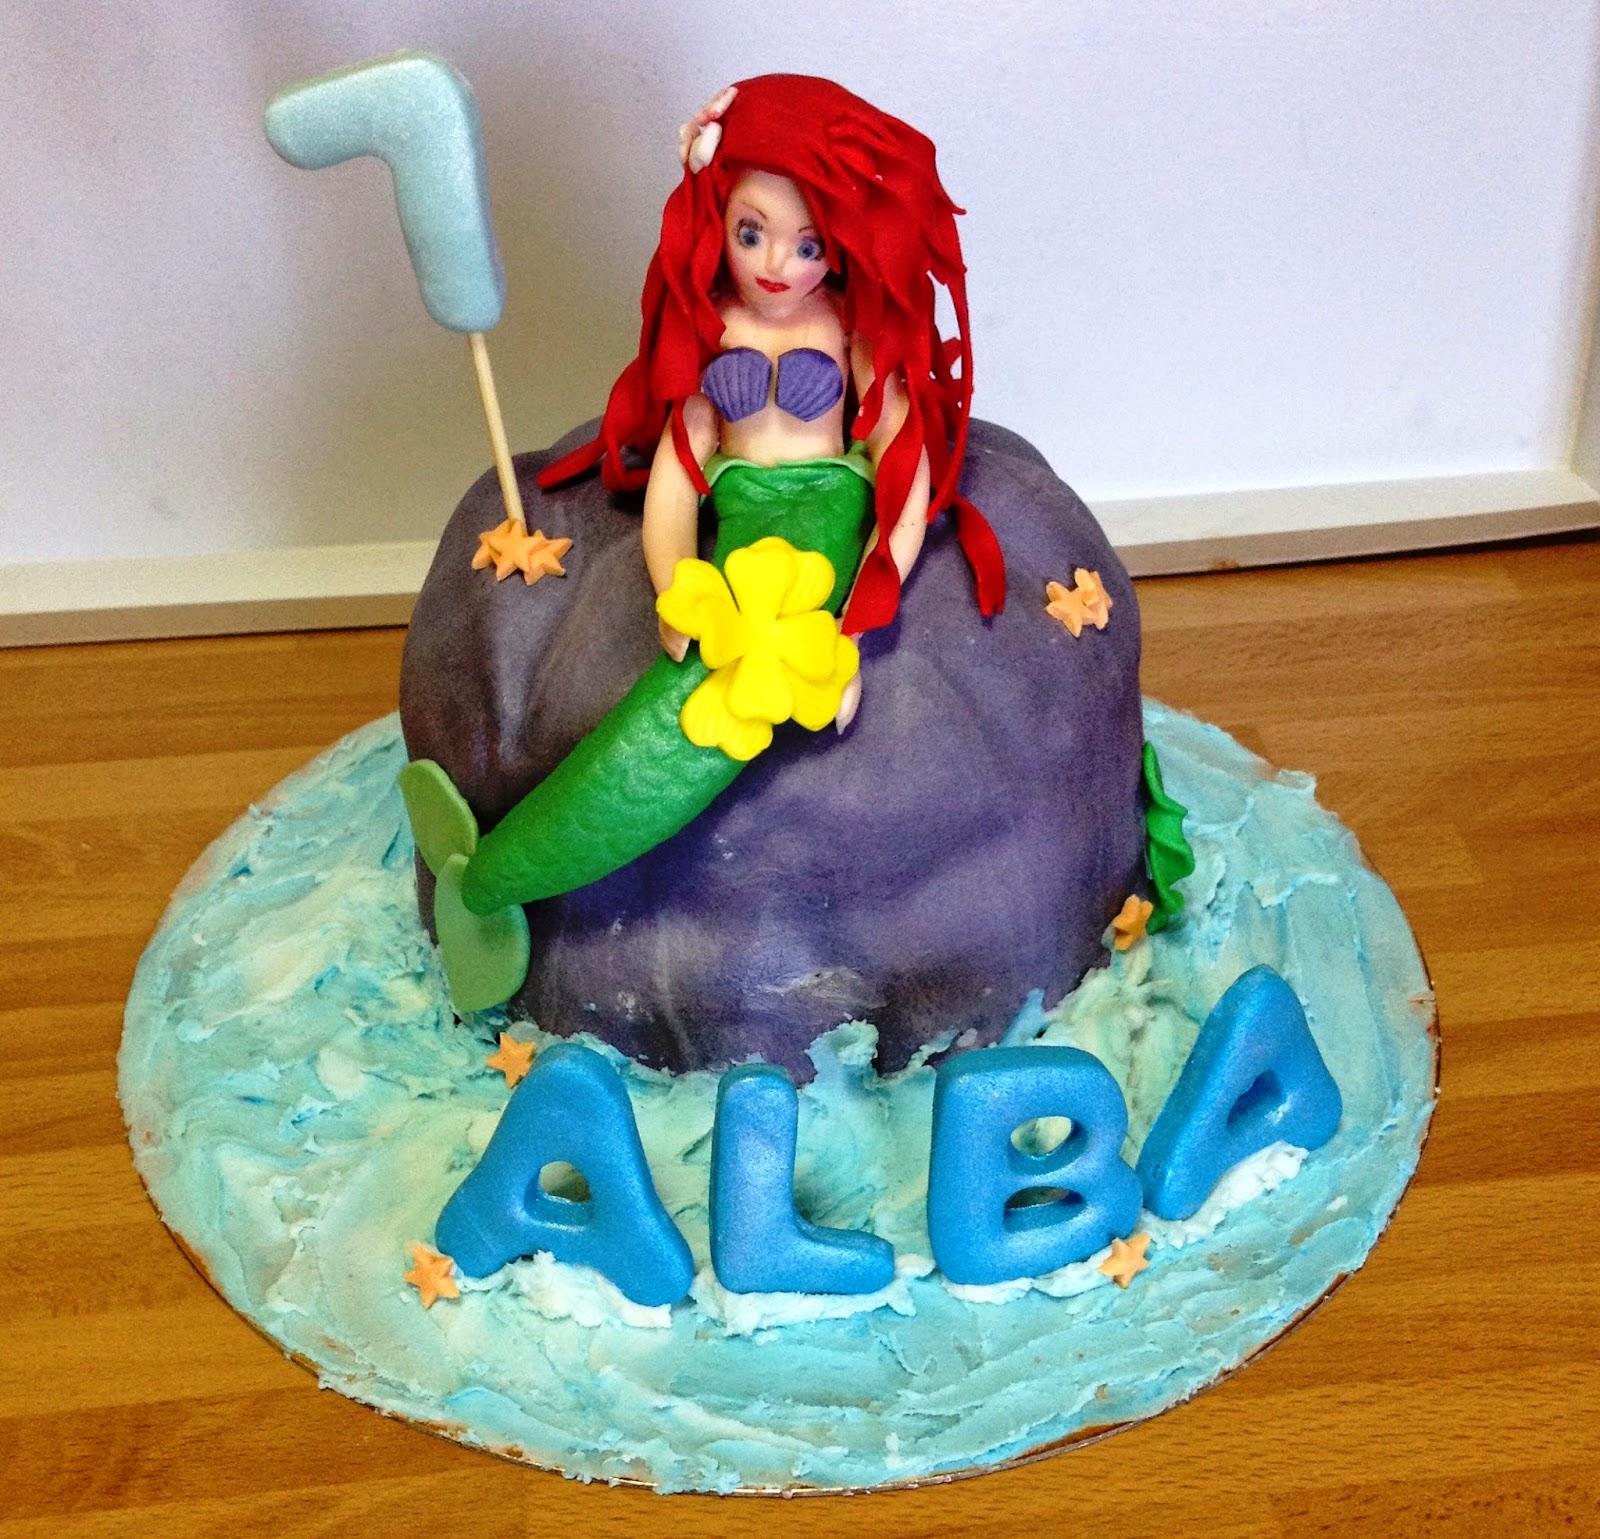 tarta la sirenita; la sirenita fondant; sirenita 3D; tarta decorada sirena; la sirenita; sirena; tarta fondant la sirenita